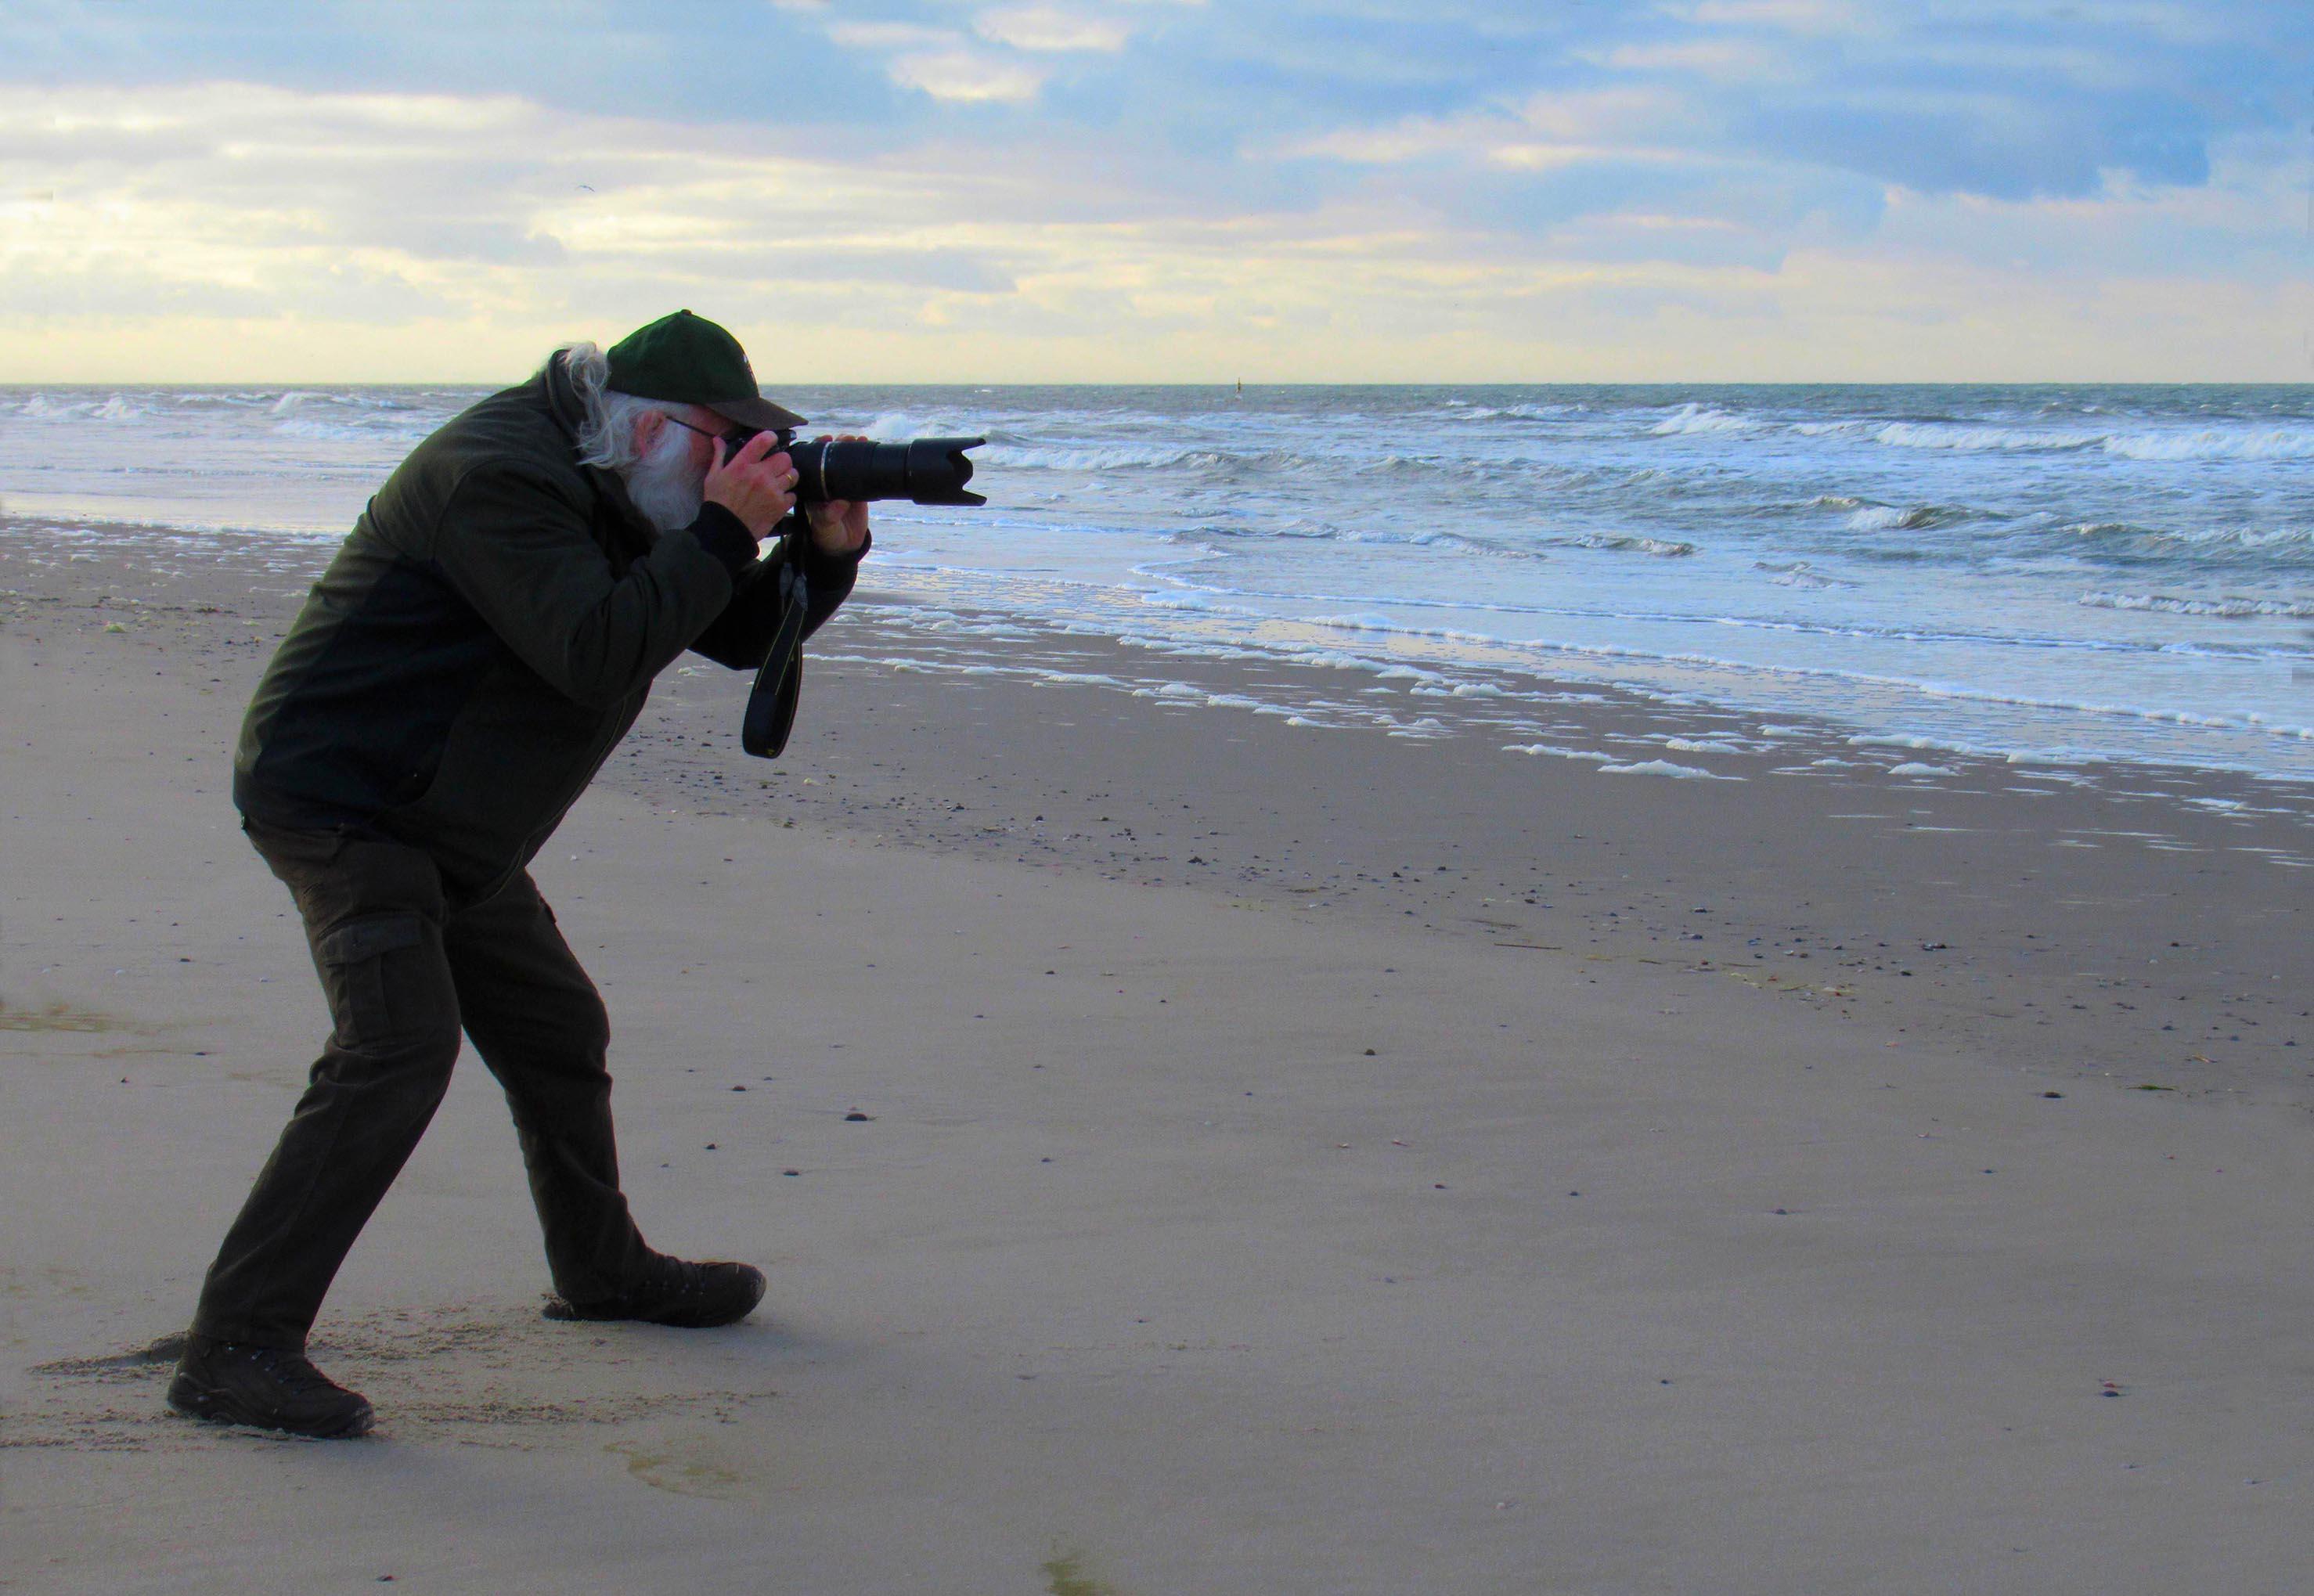 Louis in de aanslag met zijn camera om de vogel te 'platen' – Foto: ©Fransien Fraanje